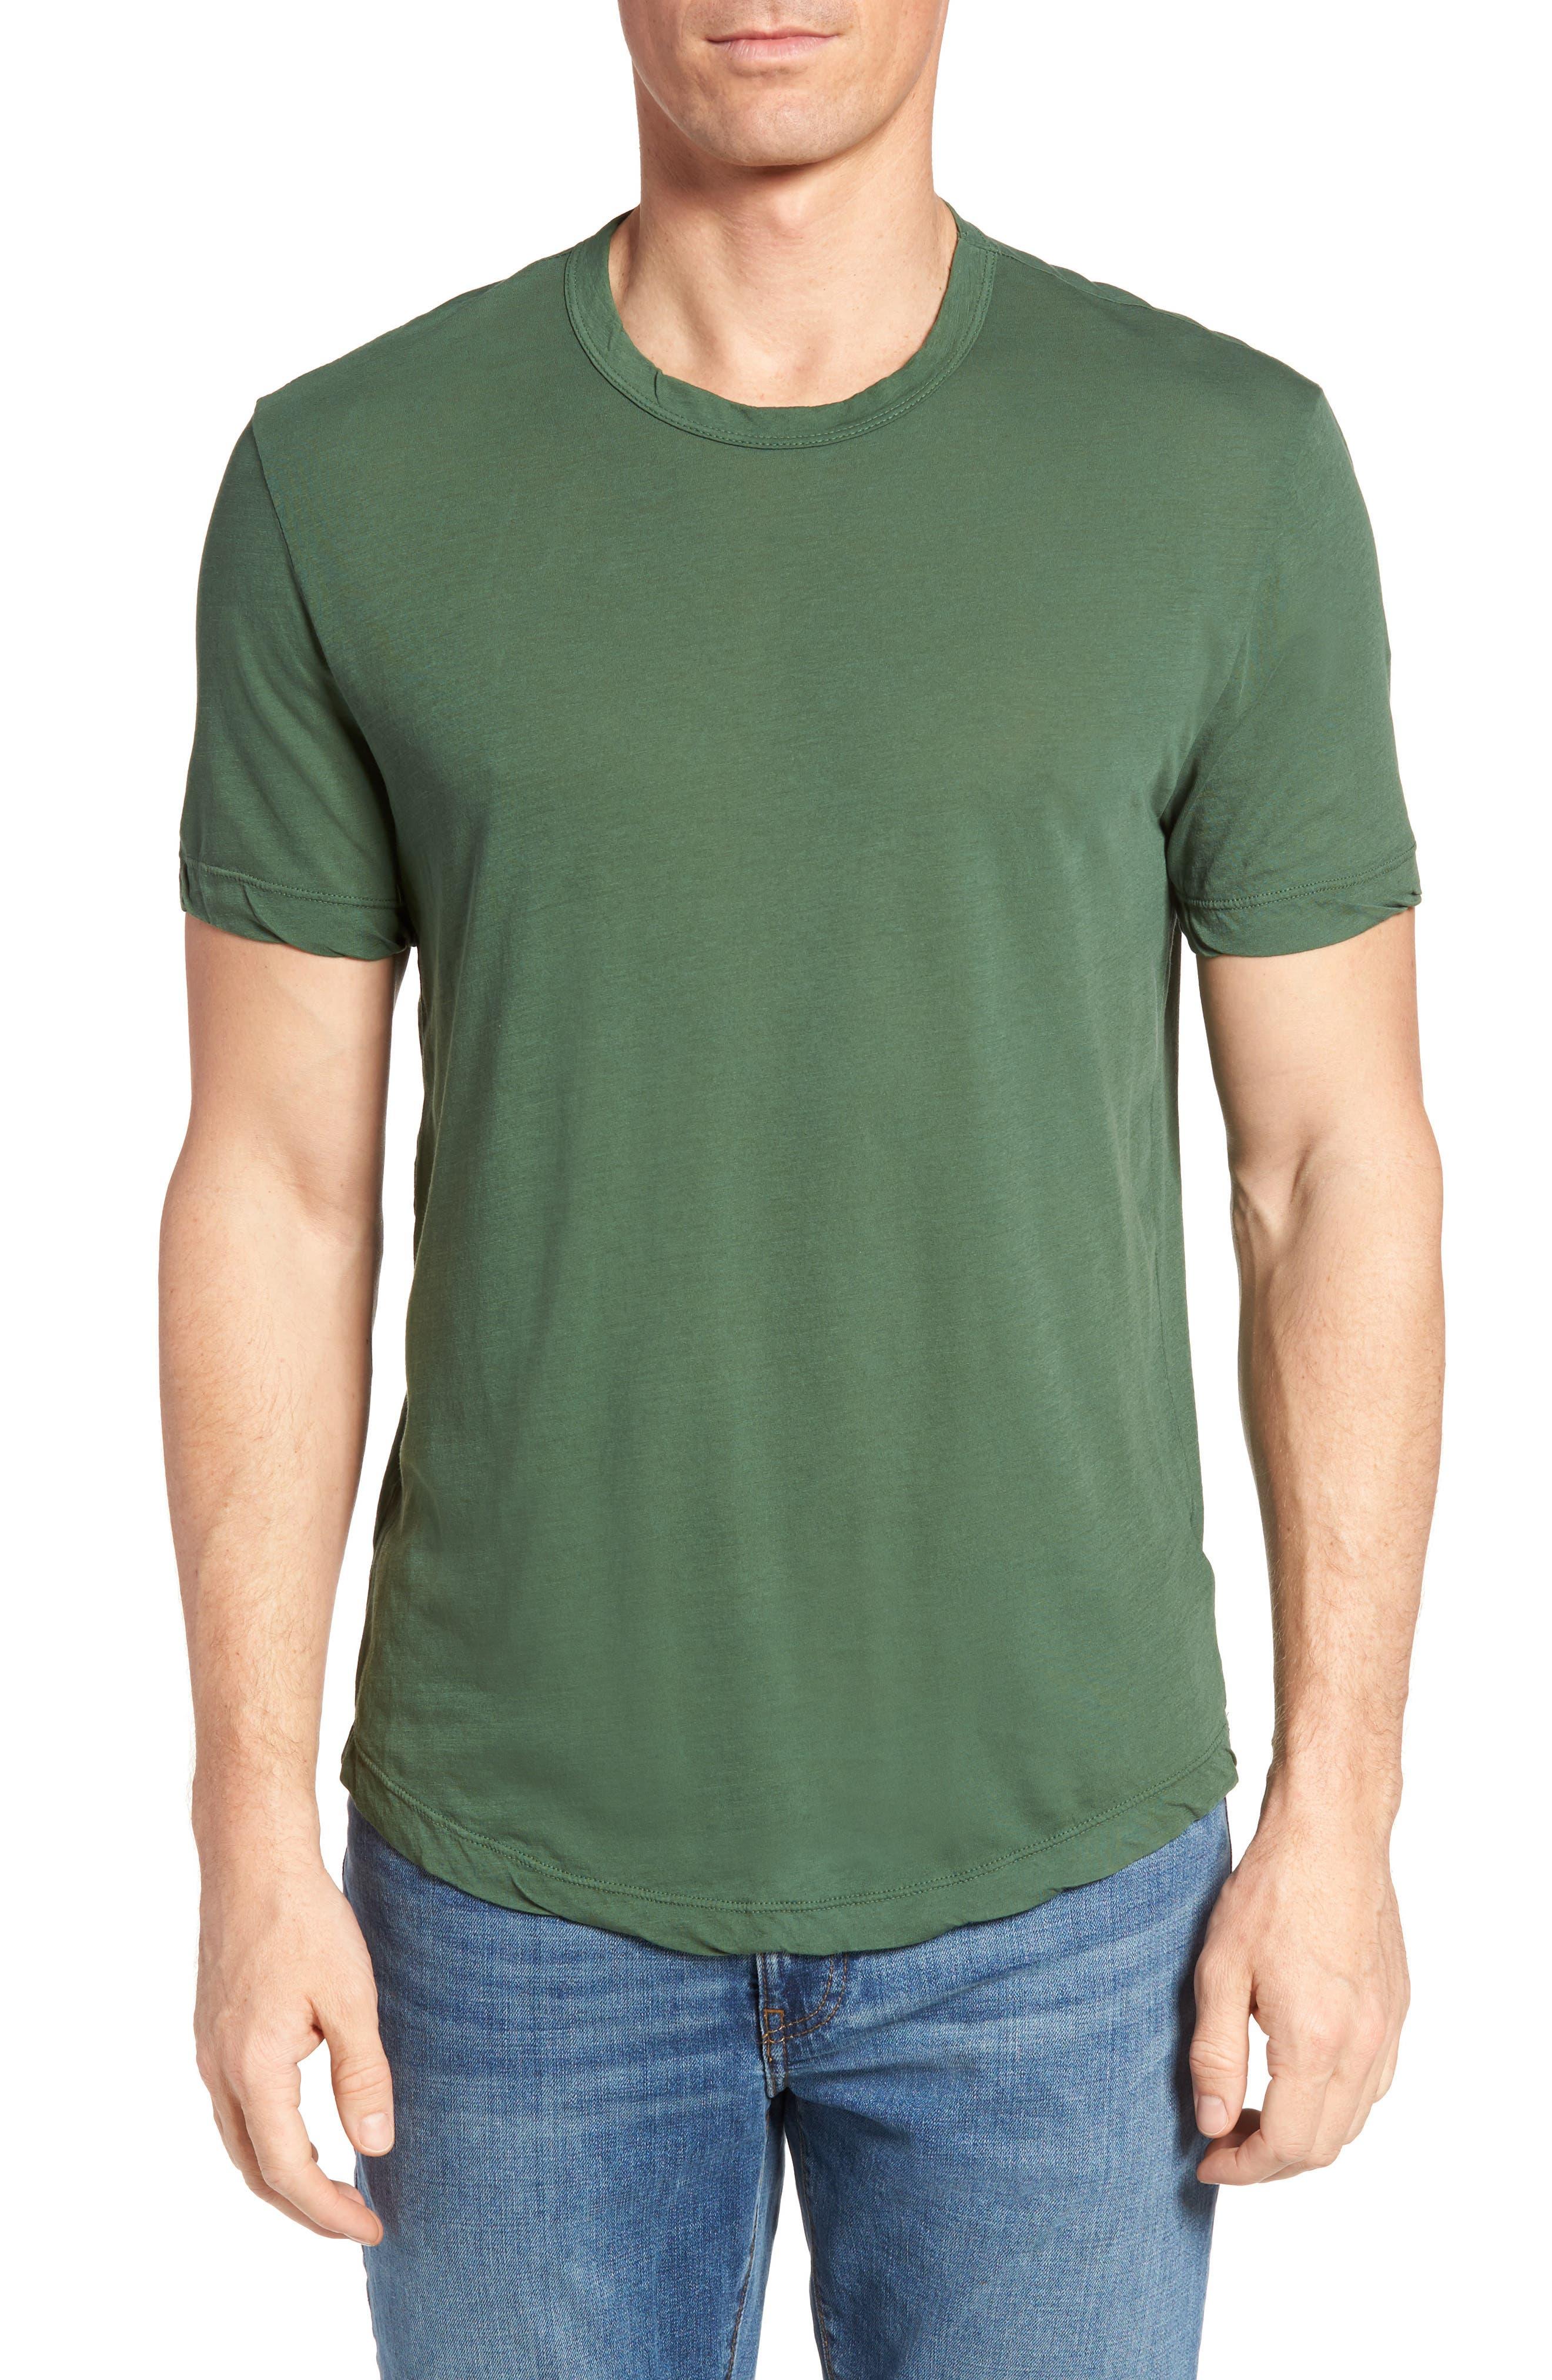 Alternate Image 1 Selected - James Perse Crewneck Jersey T-Shirt